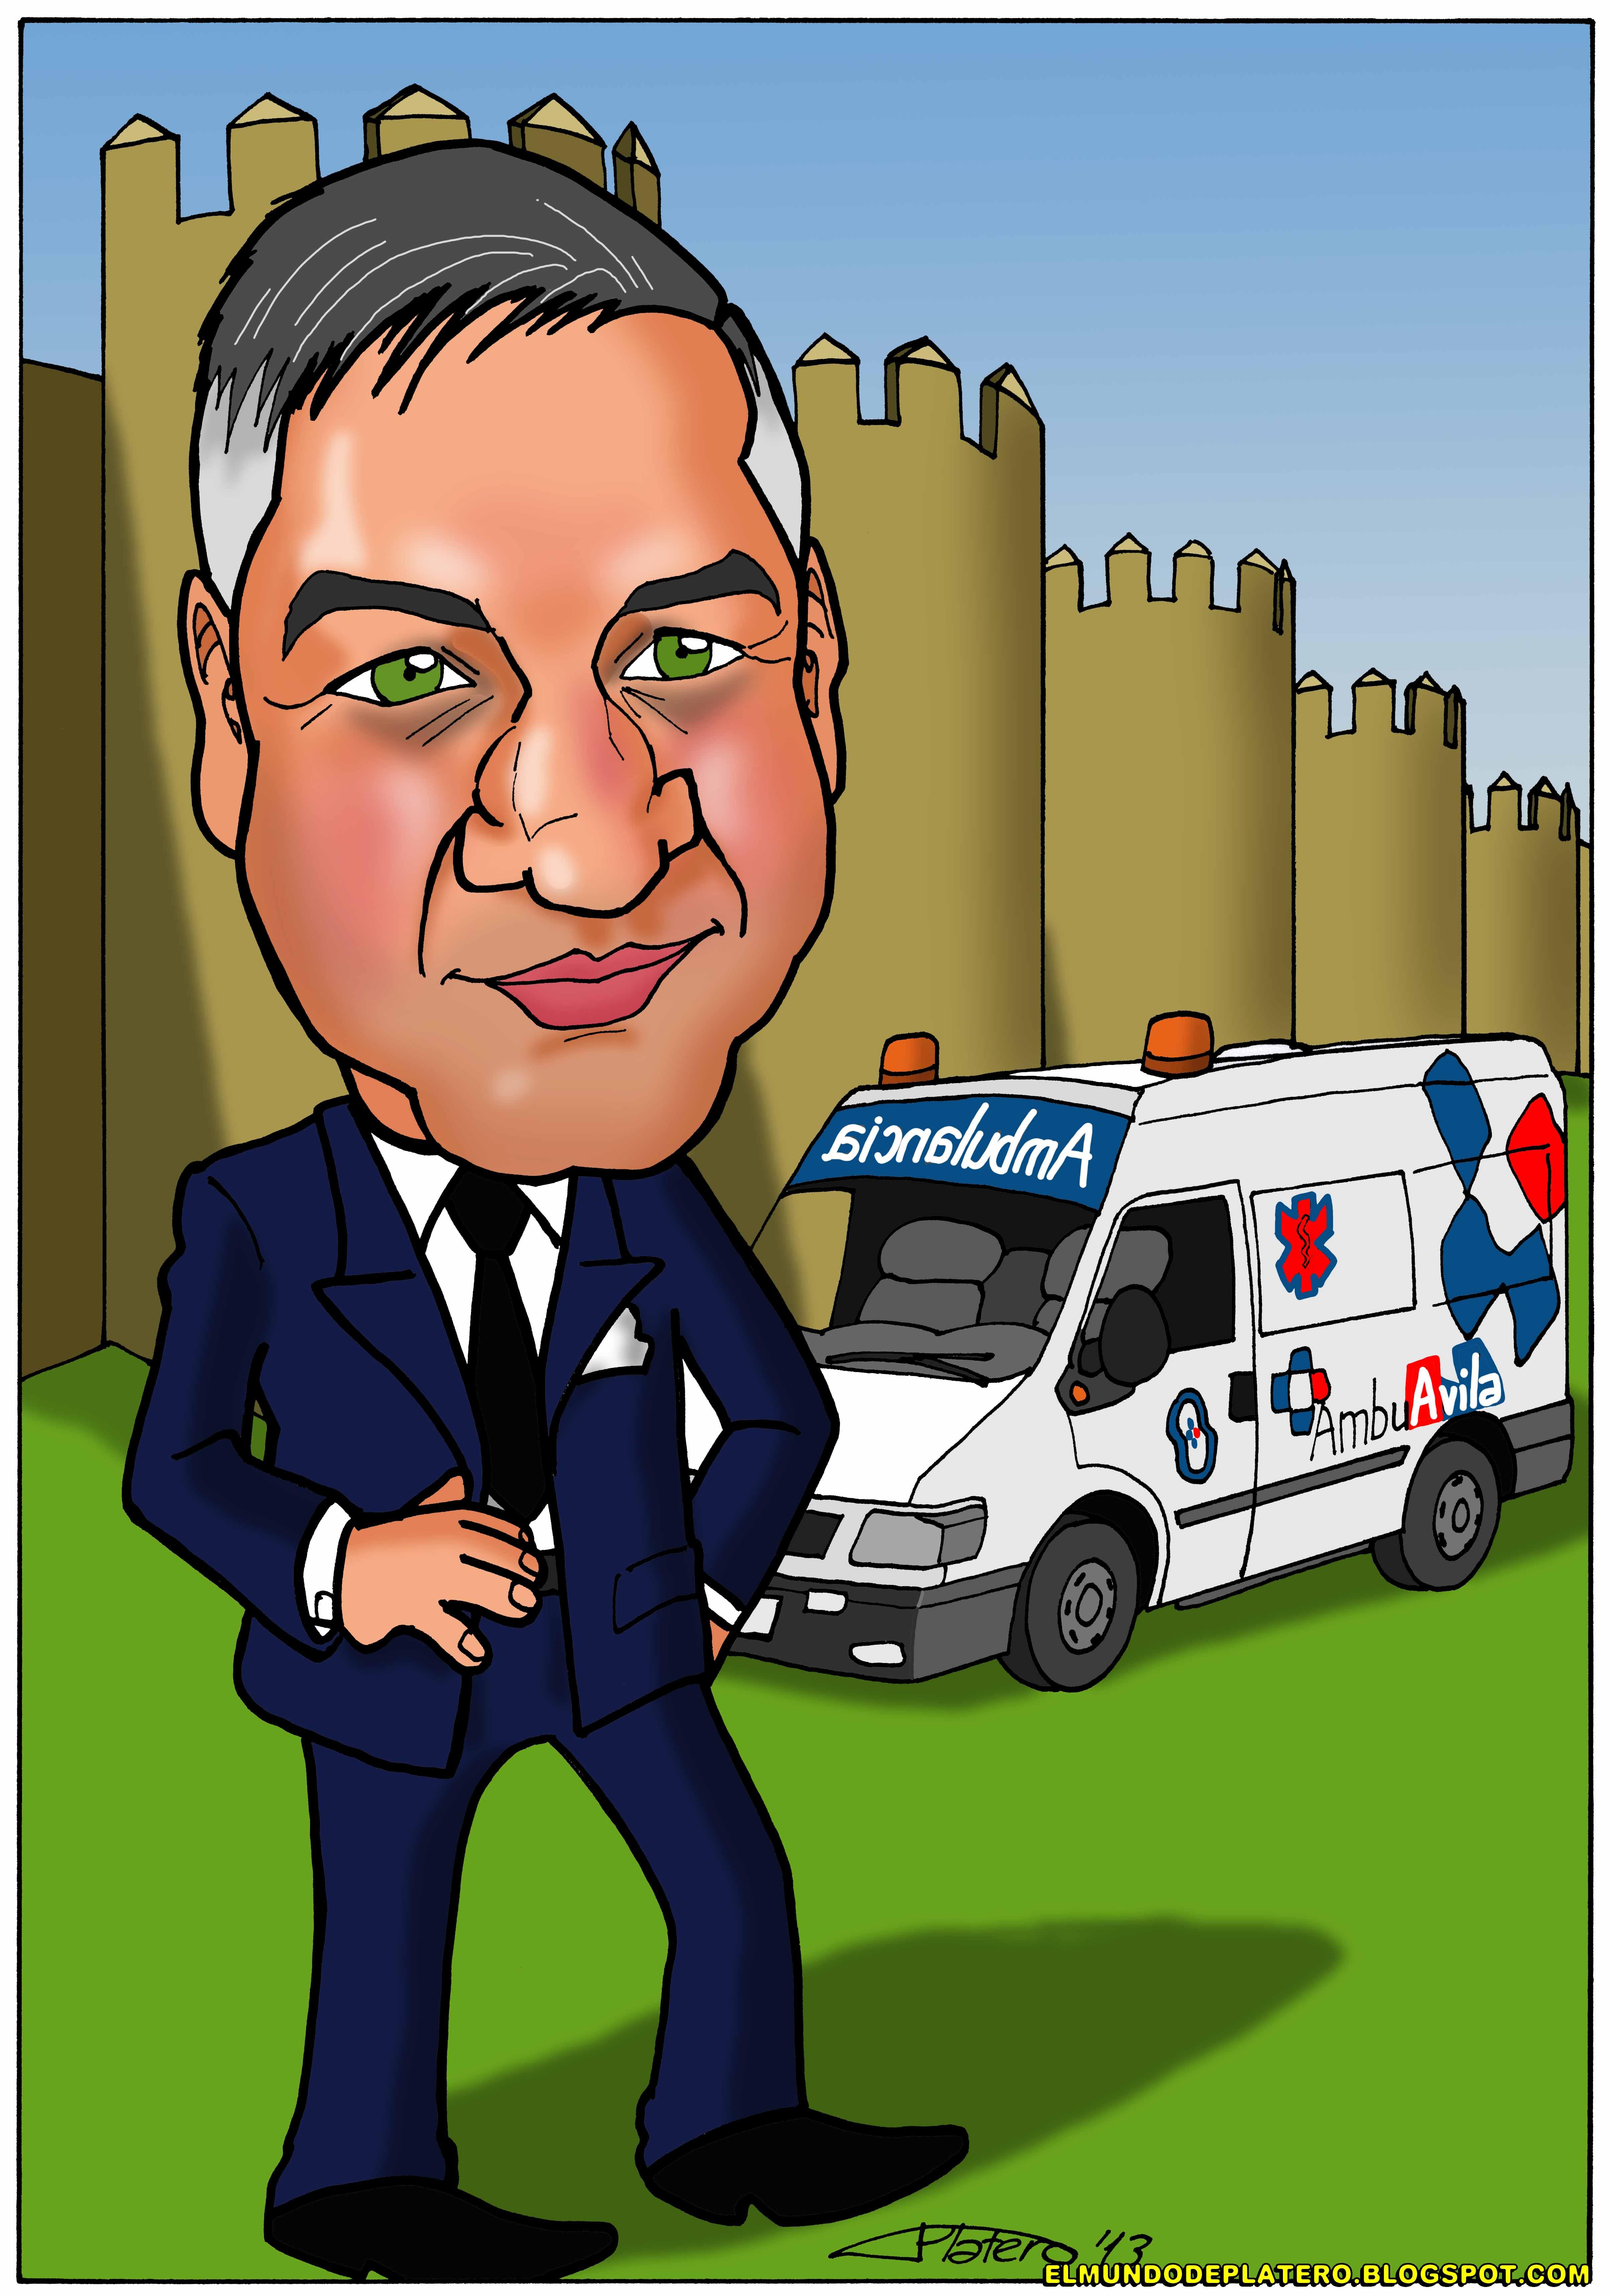 caricatura a color personalizada por encargo_hombre y ambulancia_elmundodeplater